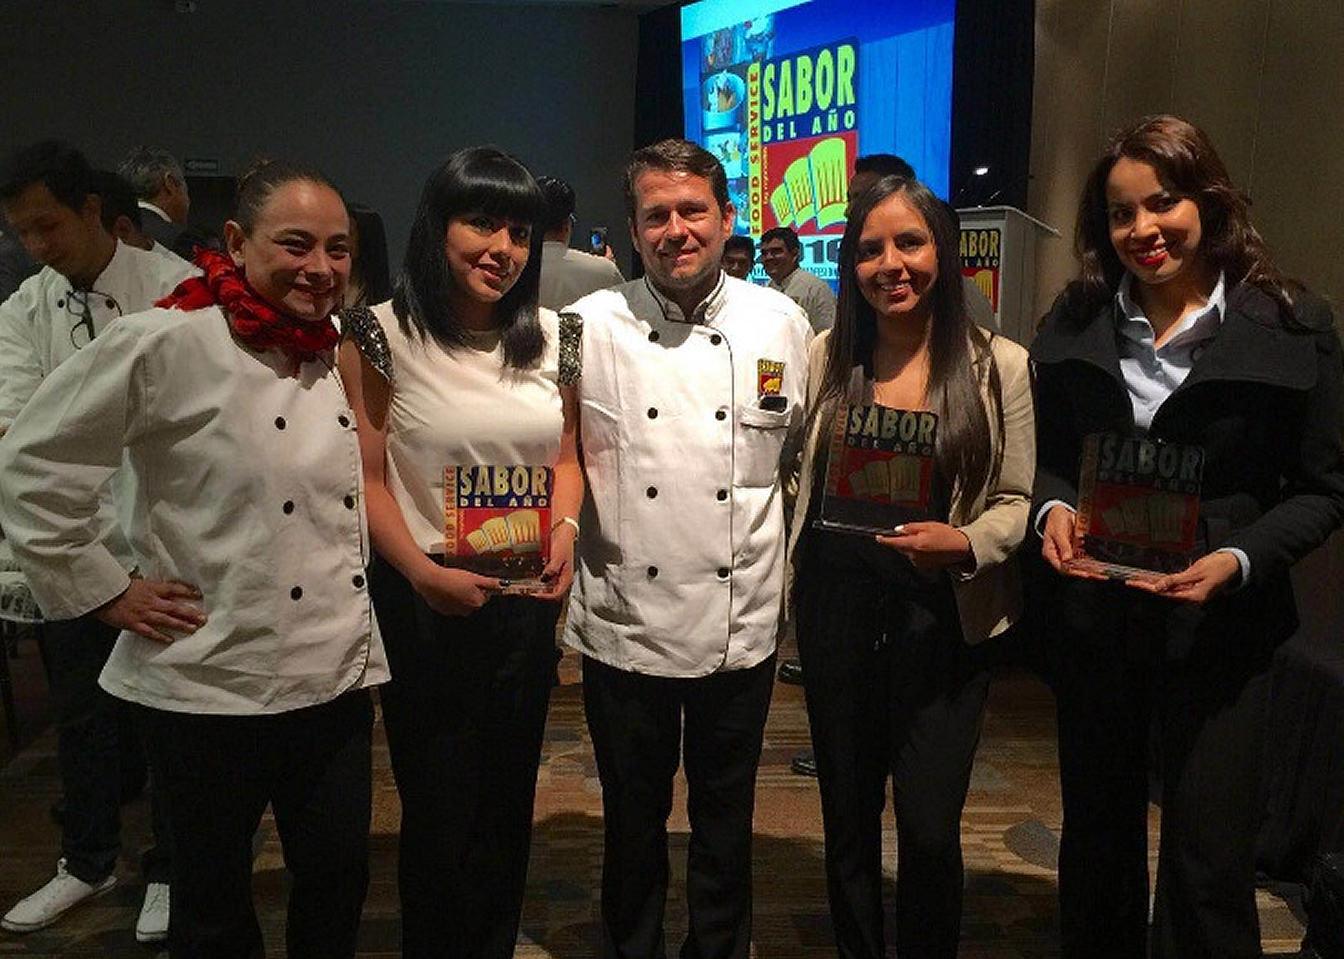 L'équipe de Bunge au Saveur de l'année 2016 (Taste of the Year).